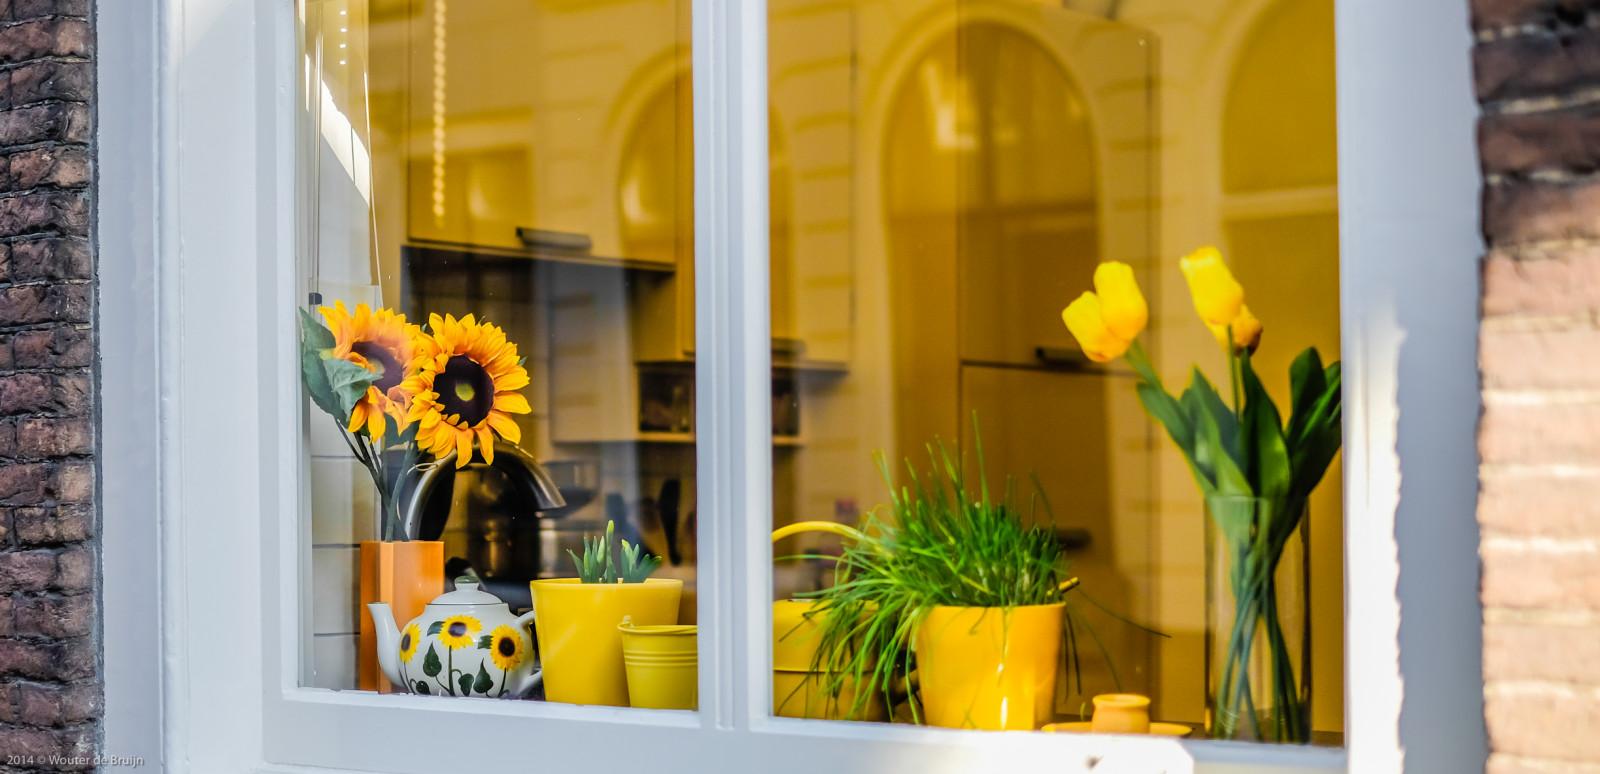 Hintergrundbilder : Fenster, Pflanzen, Tulpen, Gelb, Küche, Rahmen ...